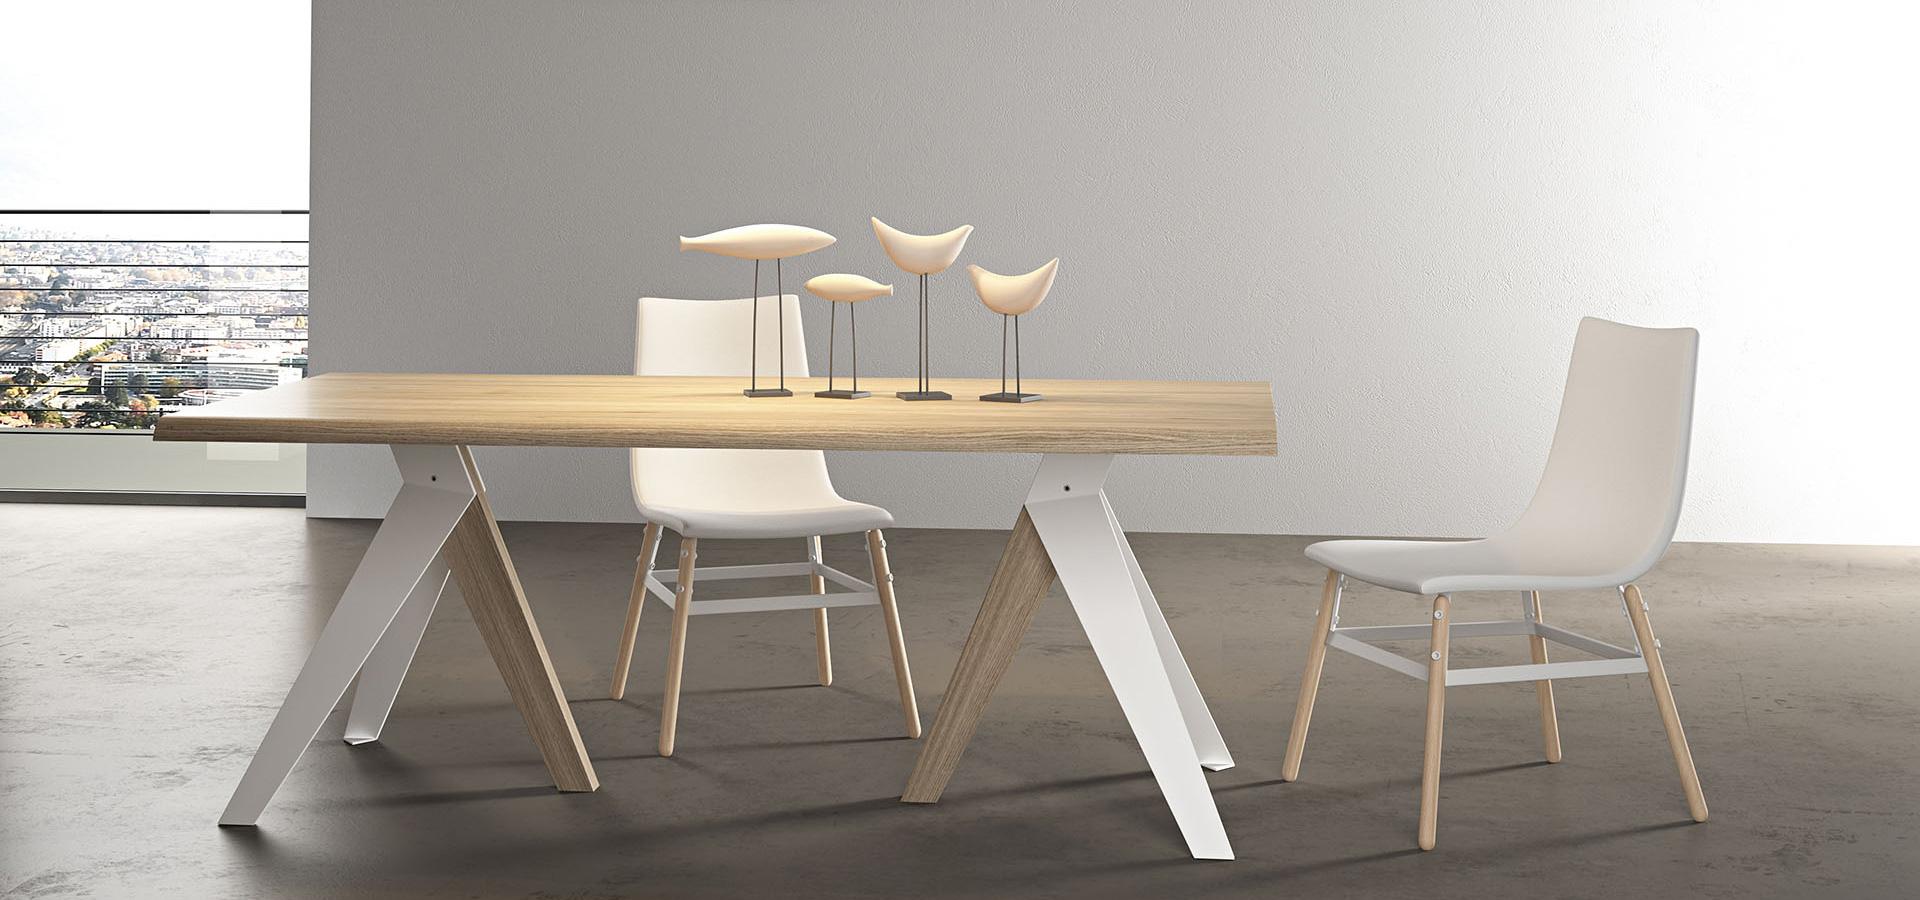 Tavolo kiev lui arredamenti - Sedie per tavolo in legno ...